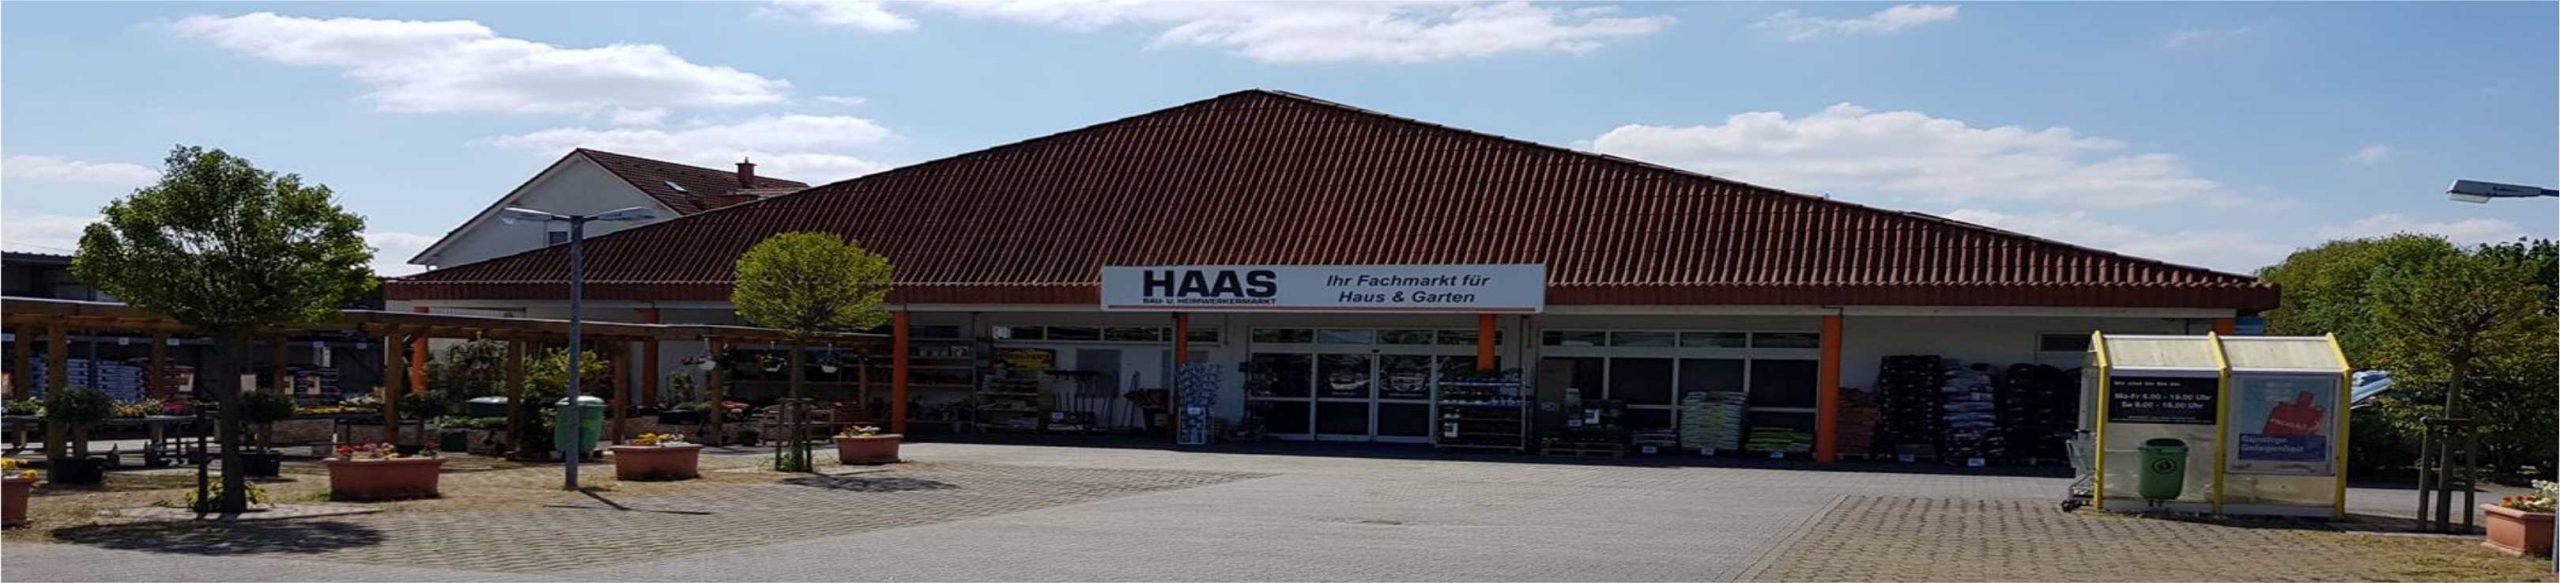 HAAS Bau- und Heimwerkermarkt e.K. - Neulußheim